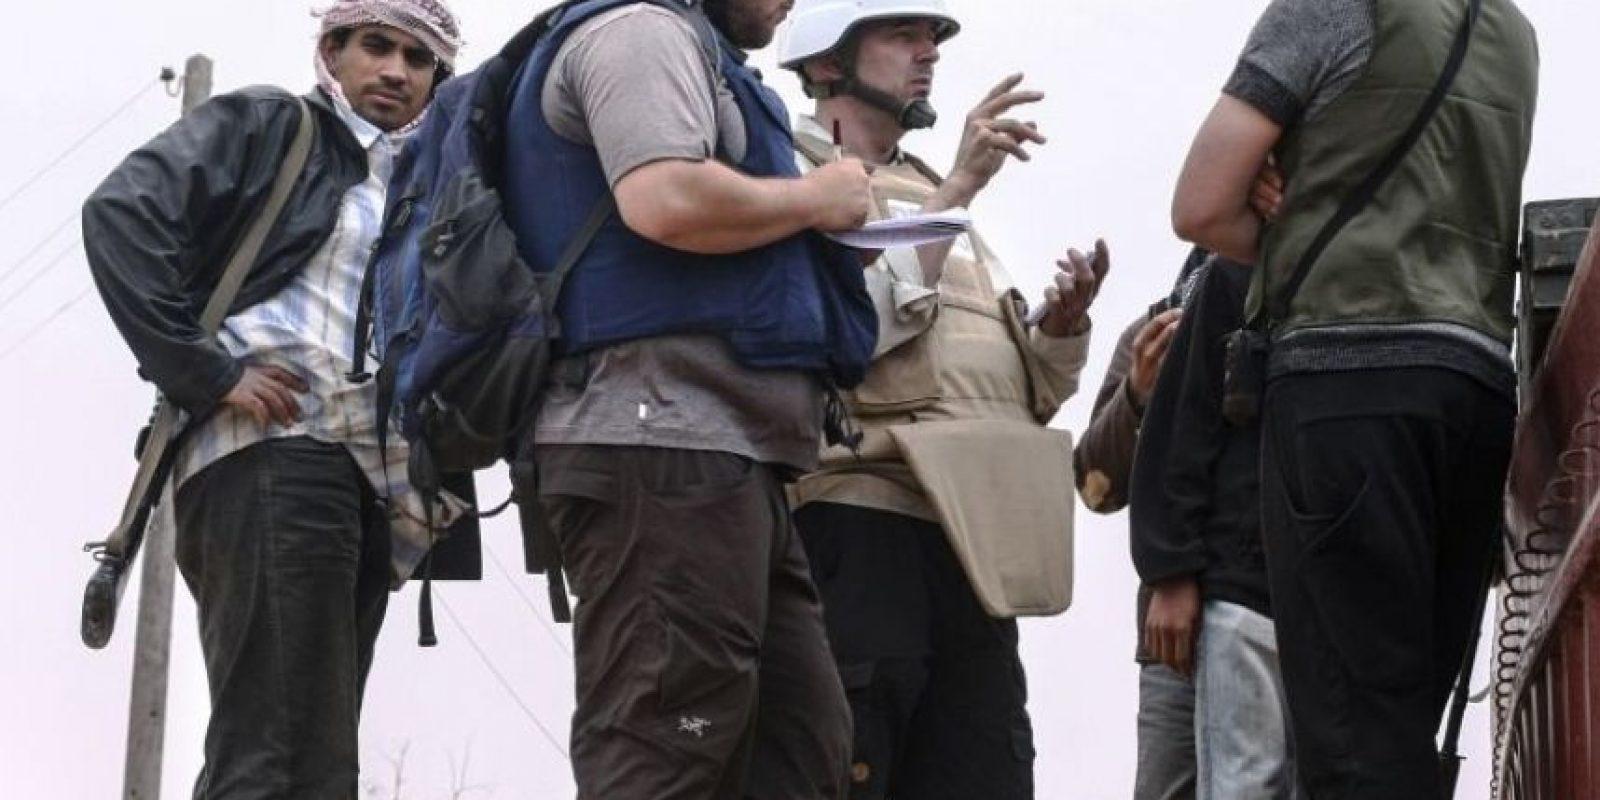 4. Otras ejecuciones en video: Posterior a la ejecución de James Foley, continuaron otros periodistas y trabajadores humanitarios como Steven Sotfloff, David Haines, Alan Henning, Peter Kassig, así como personas acusadas de ser cristianos, traidores o grupos minoritarios, como los homosexuales. Foto:Getty Images